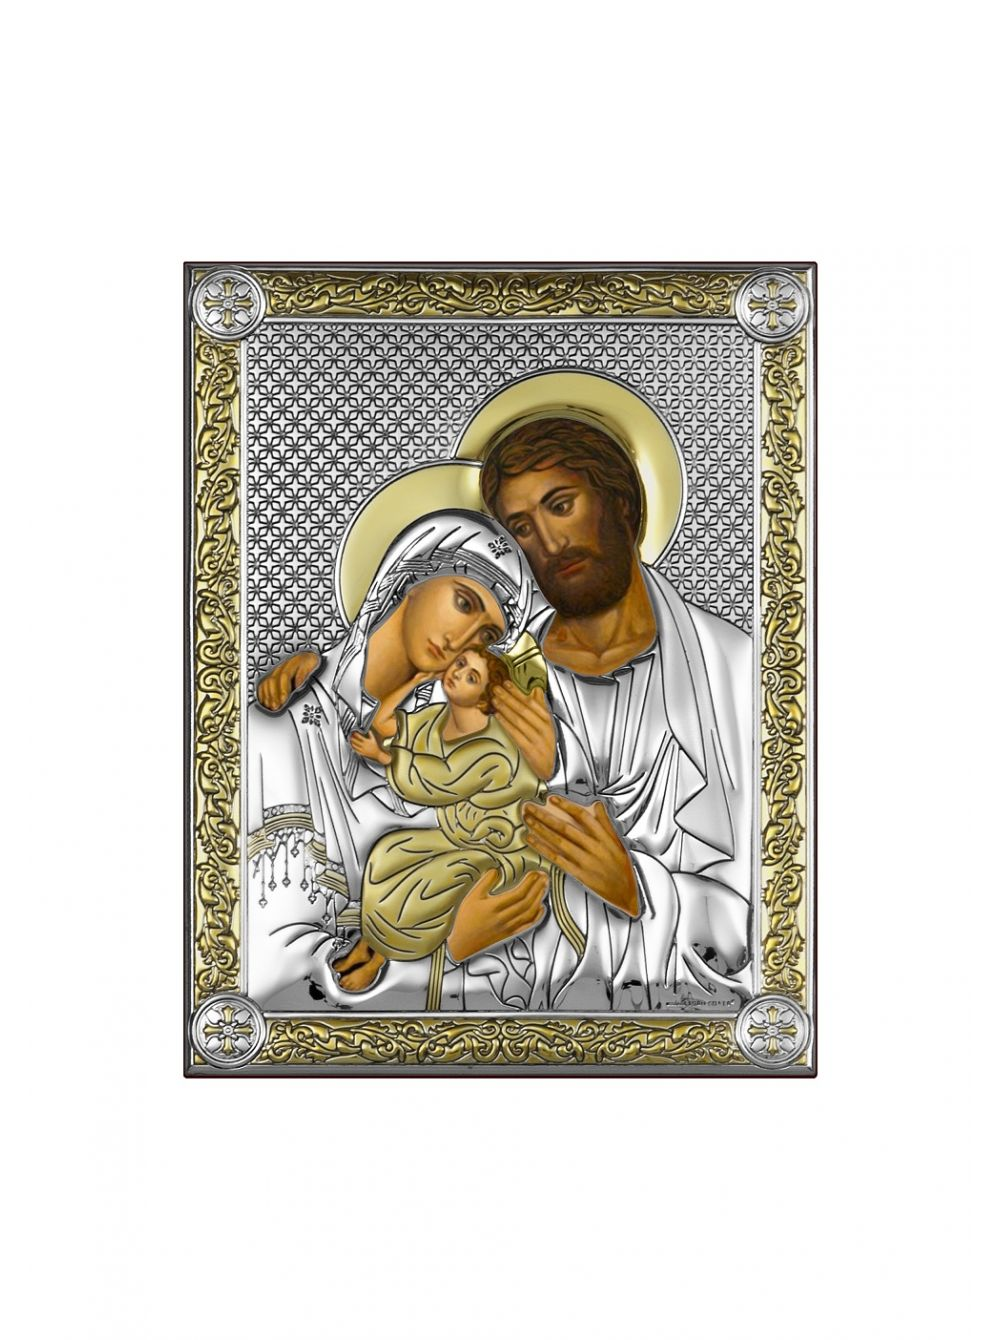 Икона с деревом и серебром 999 пробы Святое Семейство арт. СП-01 СВ.СЕМ. СП-01 СВ.СЕМ.